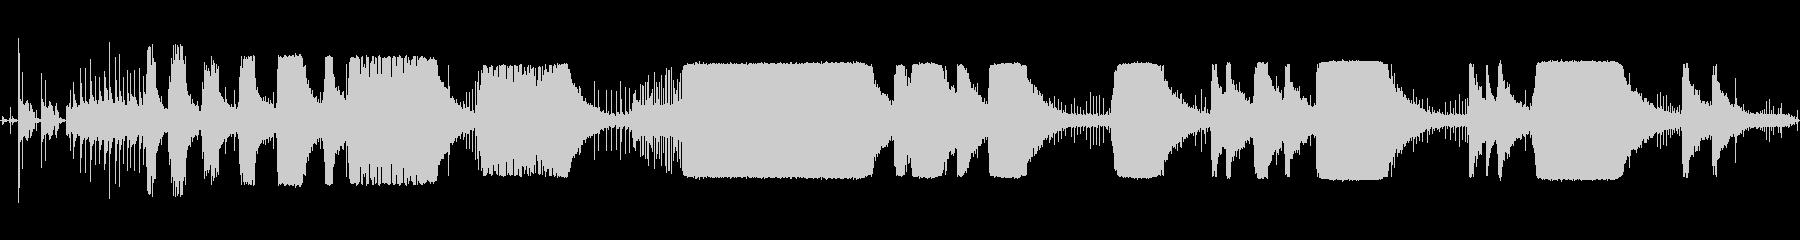 チェーンソー-起動、回転、オフの未再生の波形